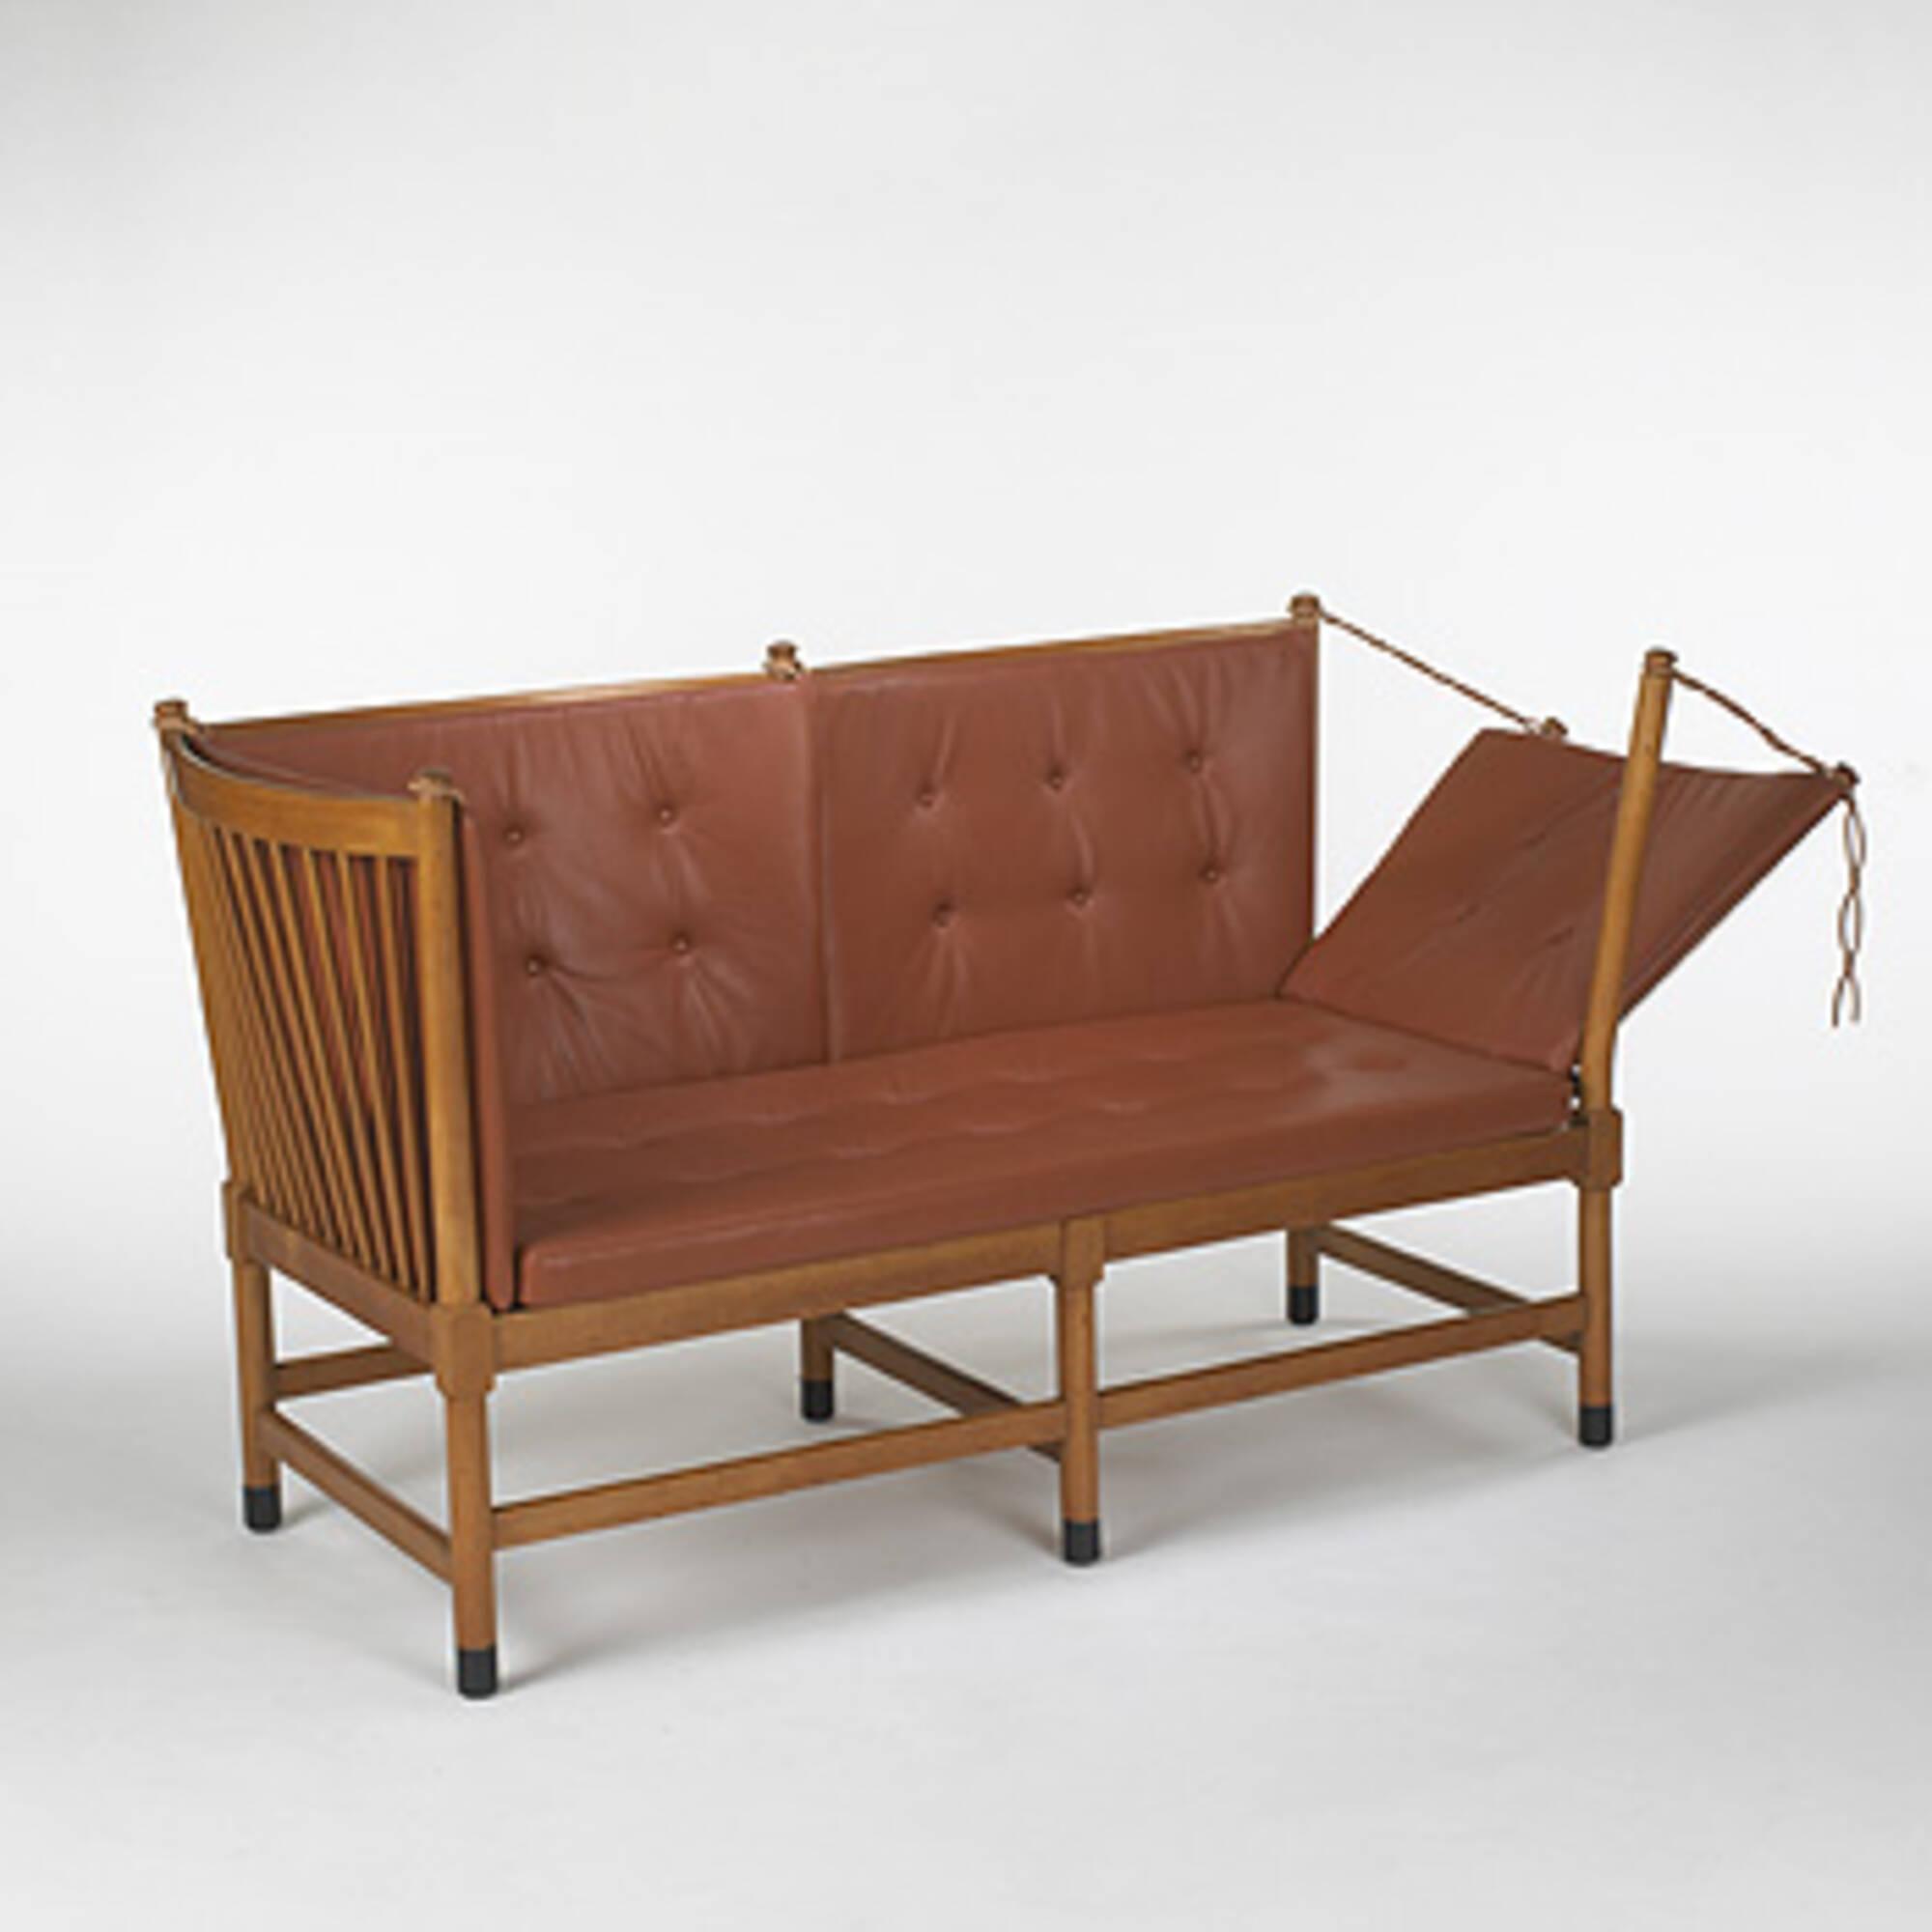 wegner sofa 229: HANS J. WEGNER, sofa, model #1789 < Important 20th Century  wegner sofa